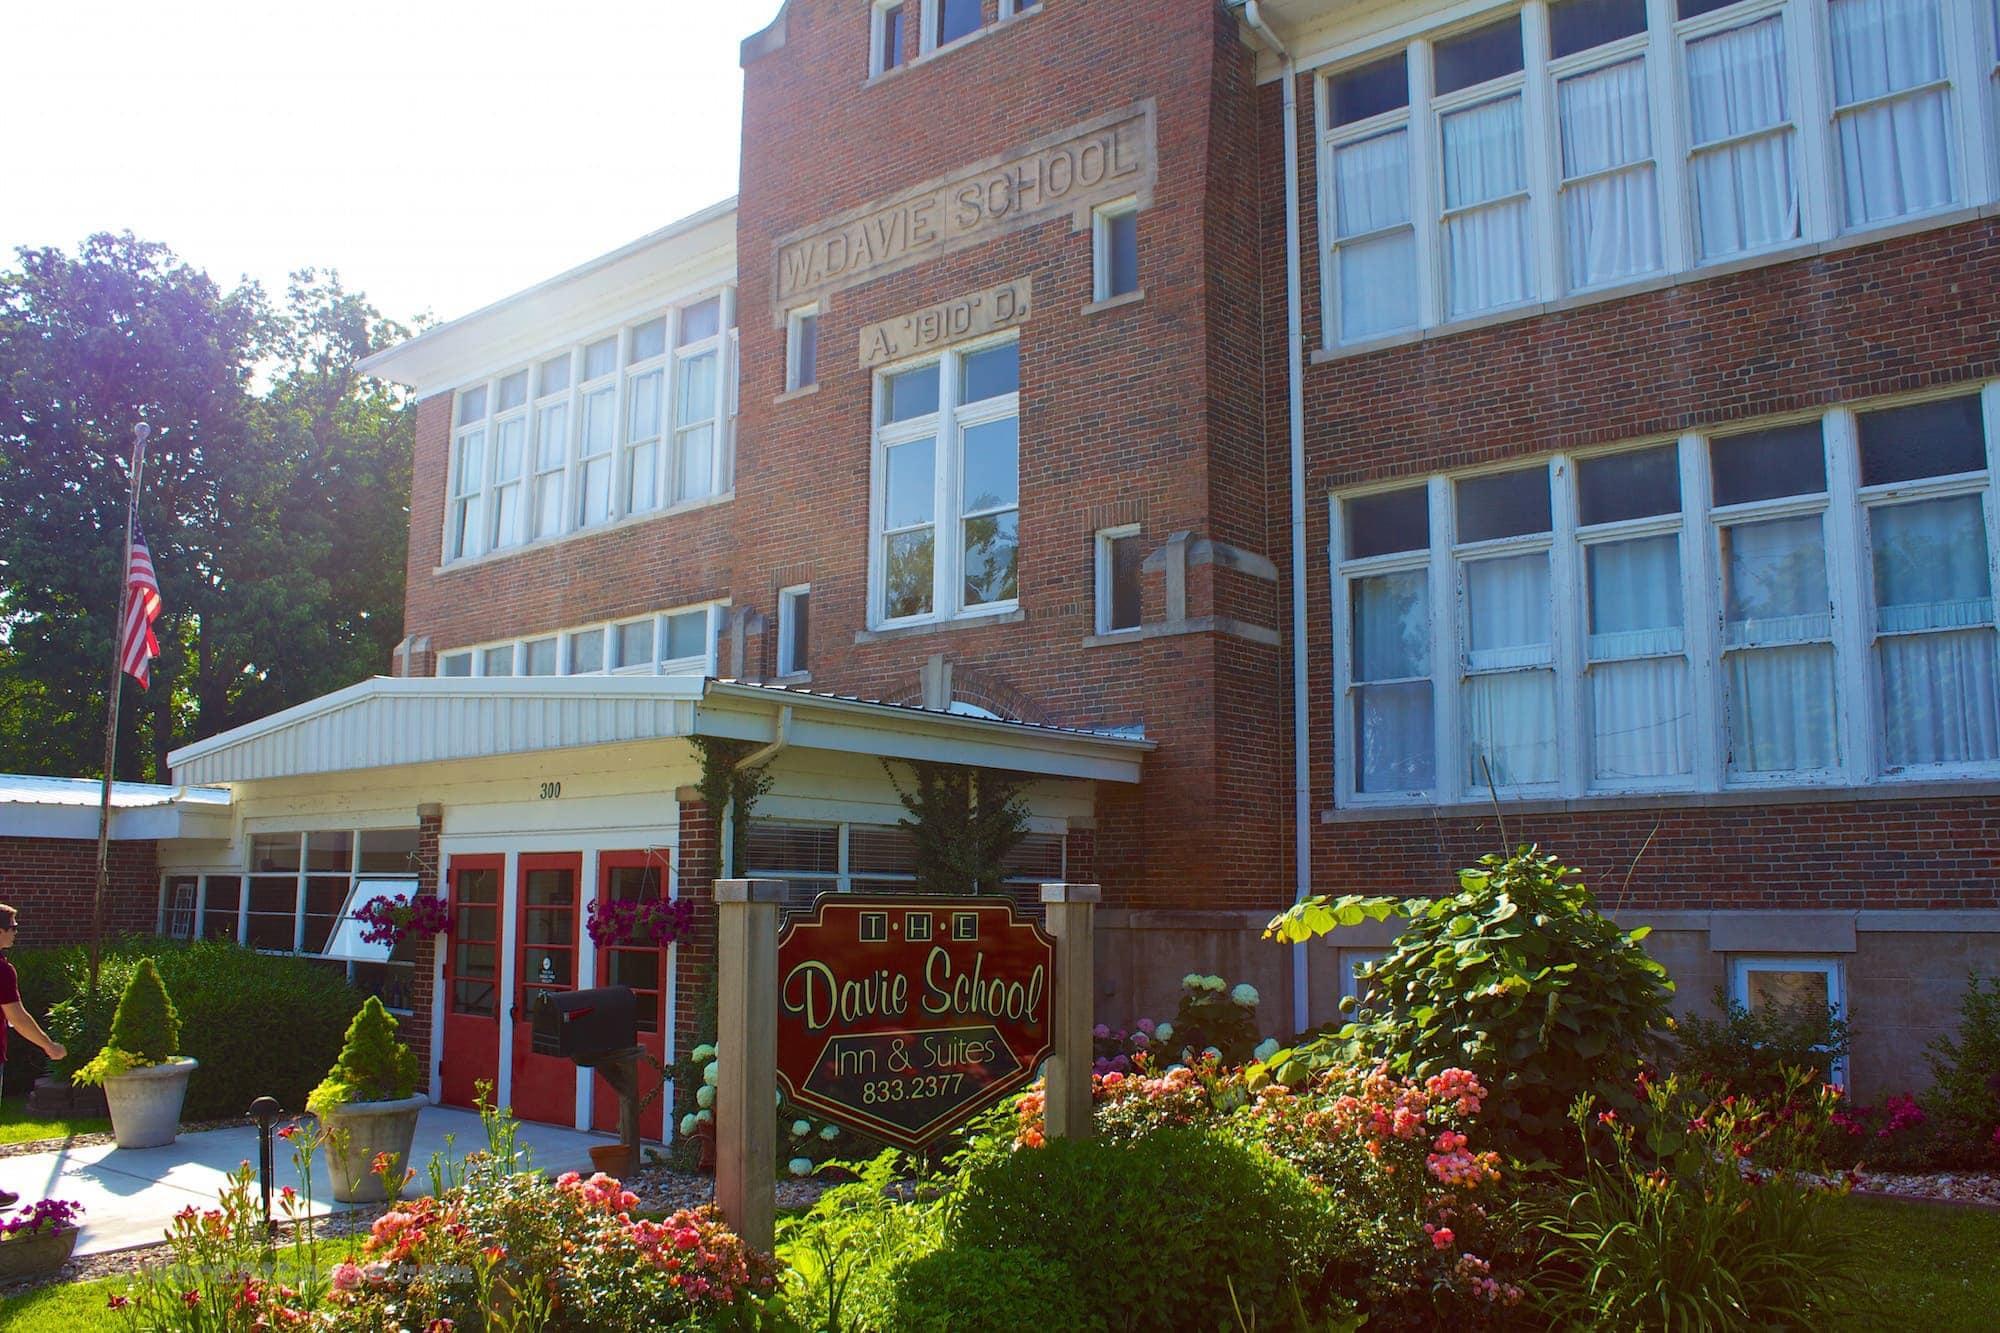 Davie School Inn Illinois Bed and Breakfast